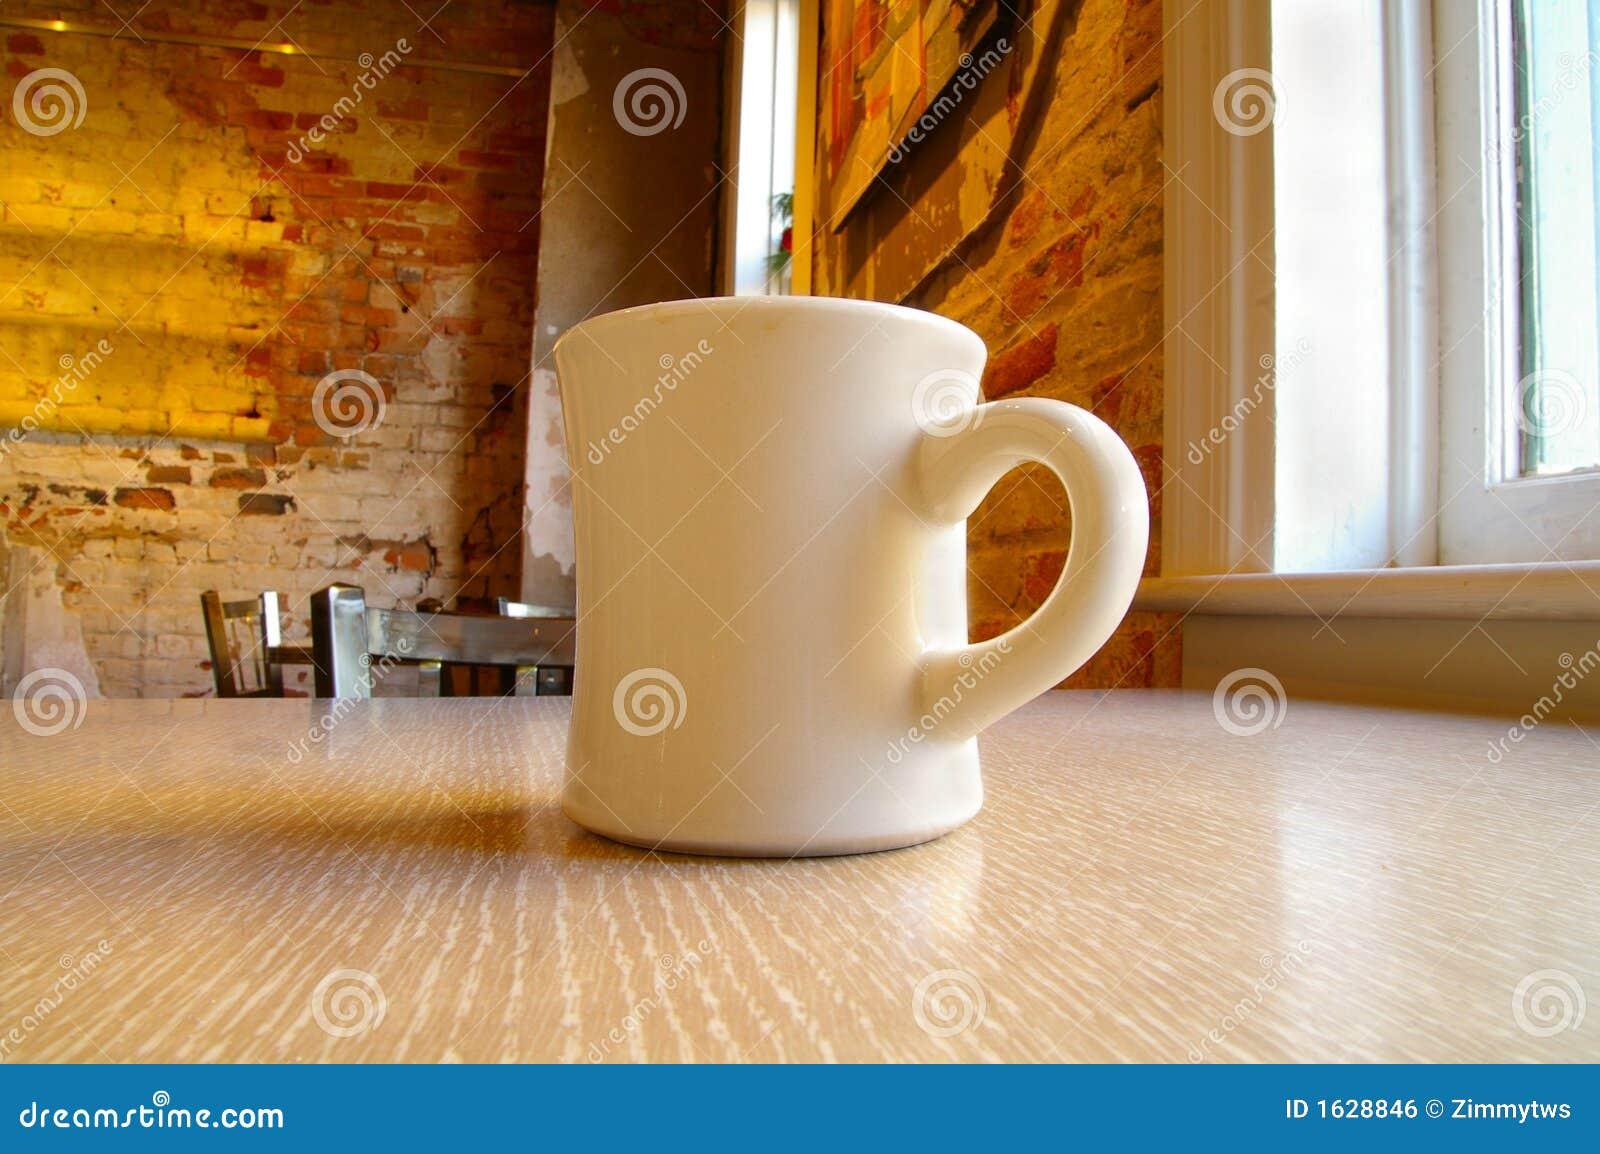 Coffee Mug And Table Royalty Free Stock Image - Image: 1628846